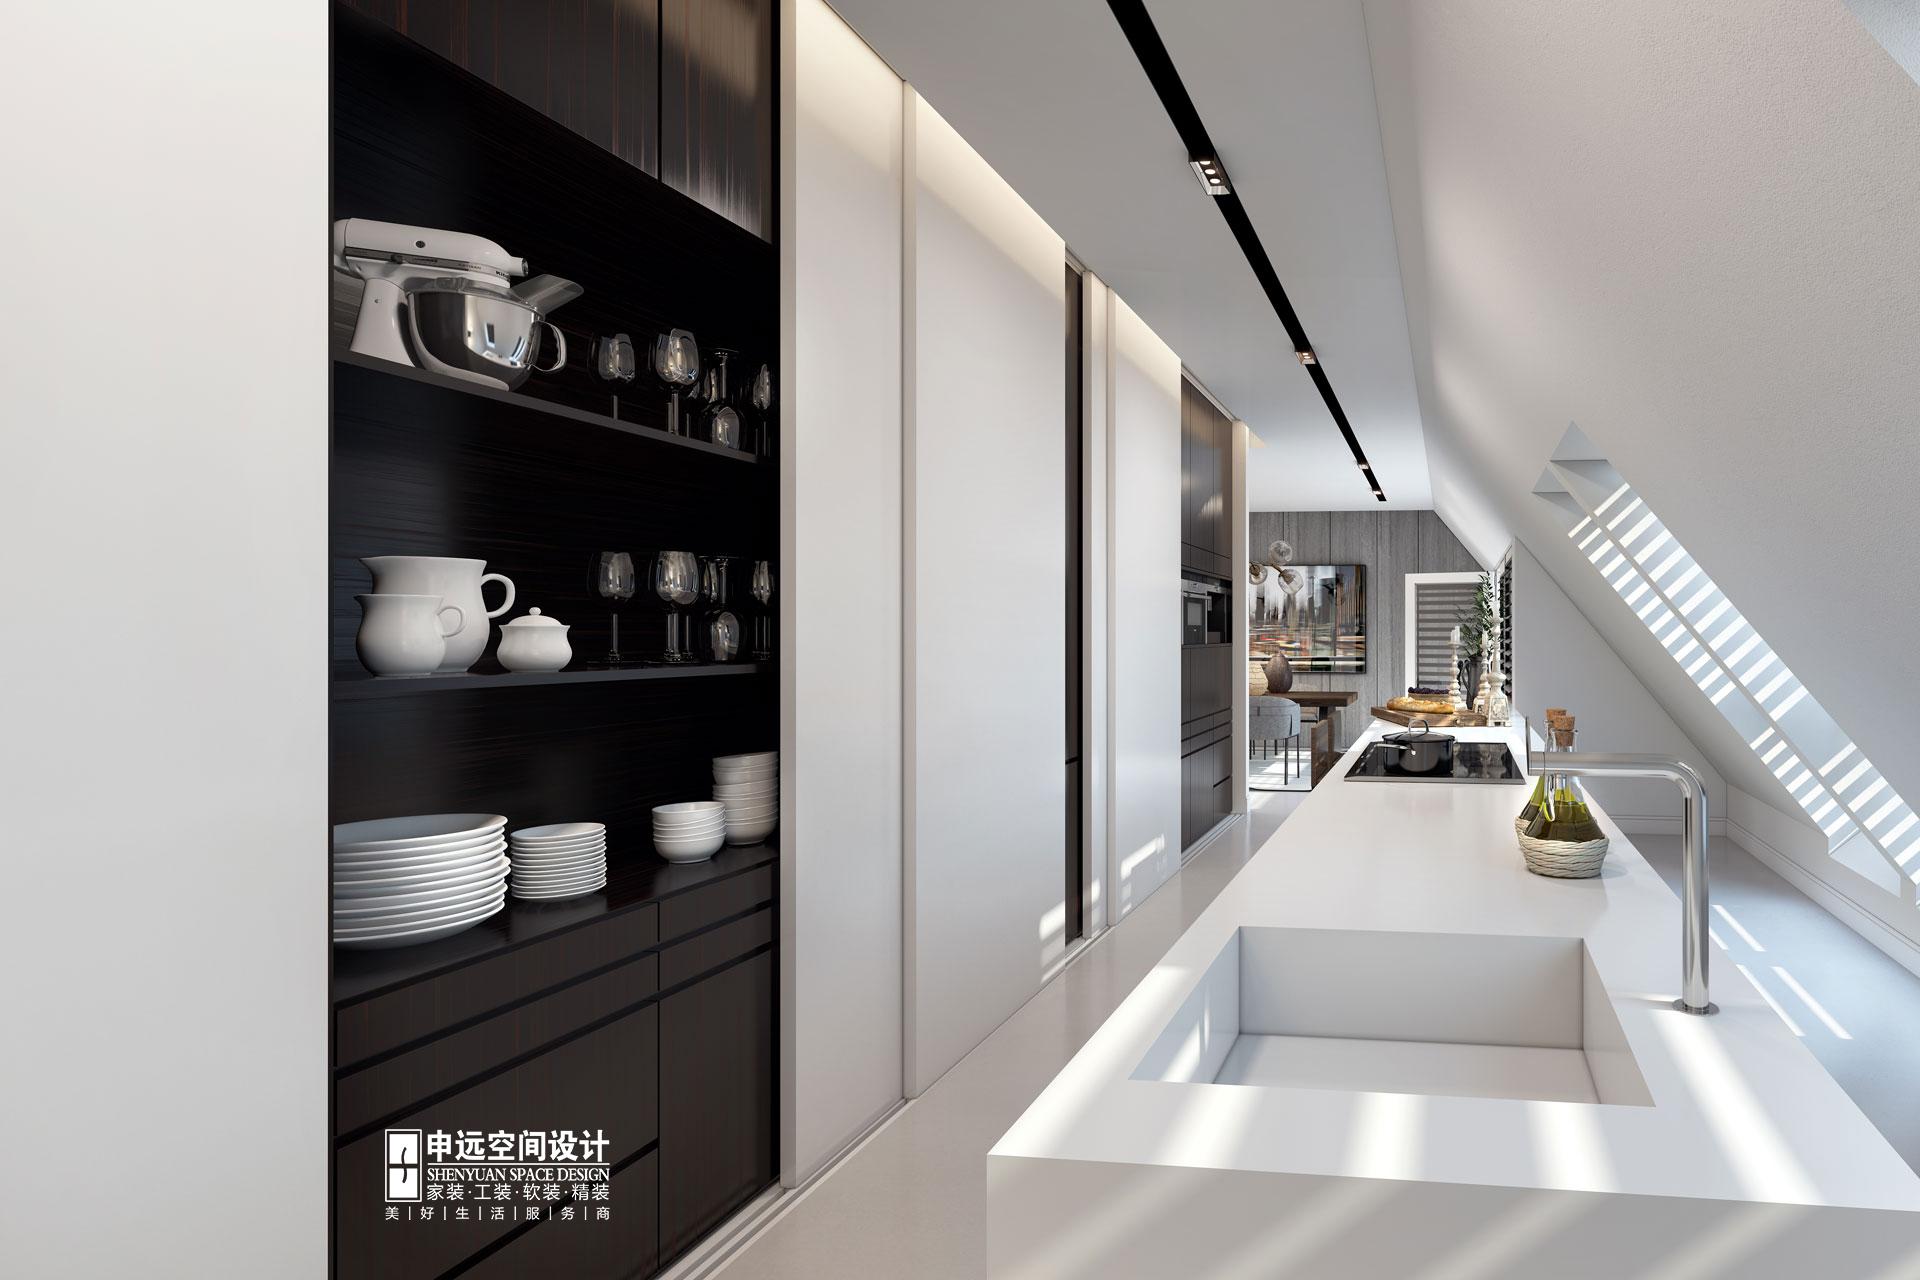 简约 别墅 北京申远 别墅装修 厨房图片来自申远空间设计北京分公司在北京申远空间设计-现代风格的分享